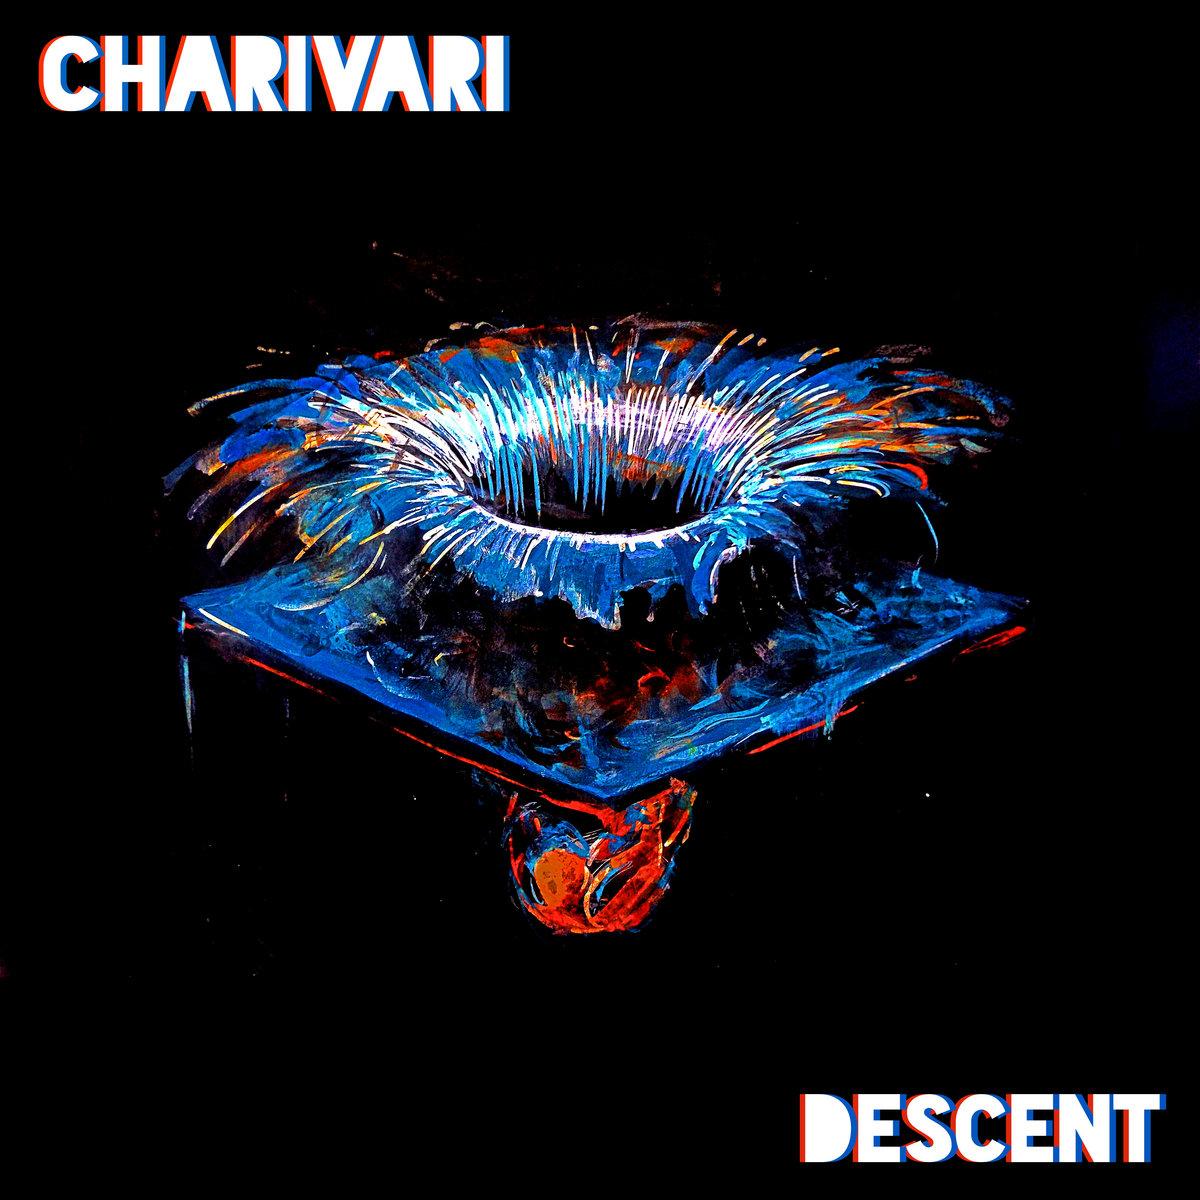 charivari descent